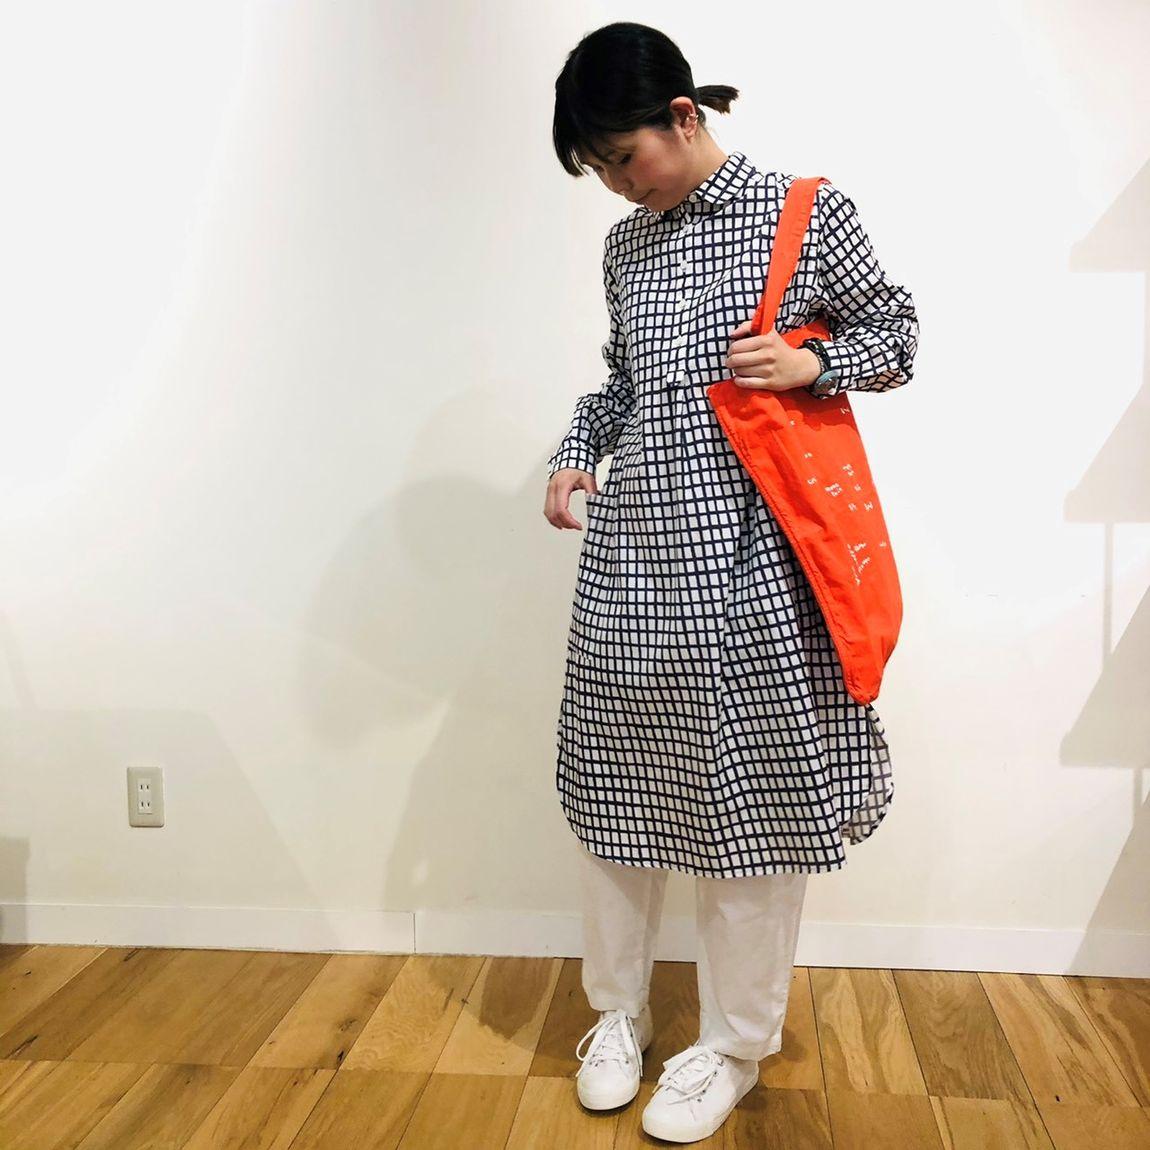 【イデーショップヴァリエテ柏】POOLいろいろの服|コーディネート例